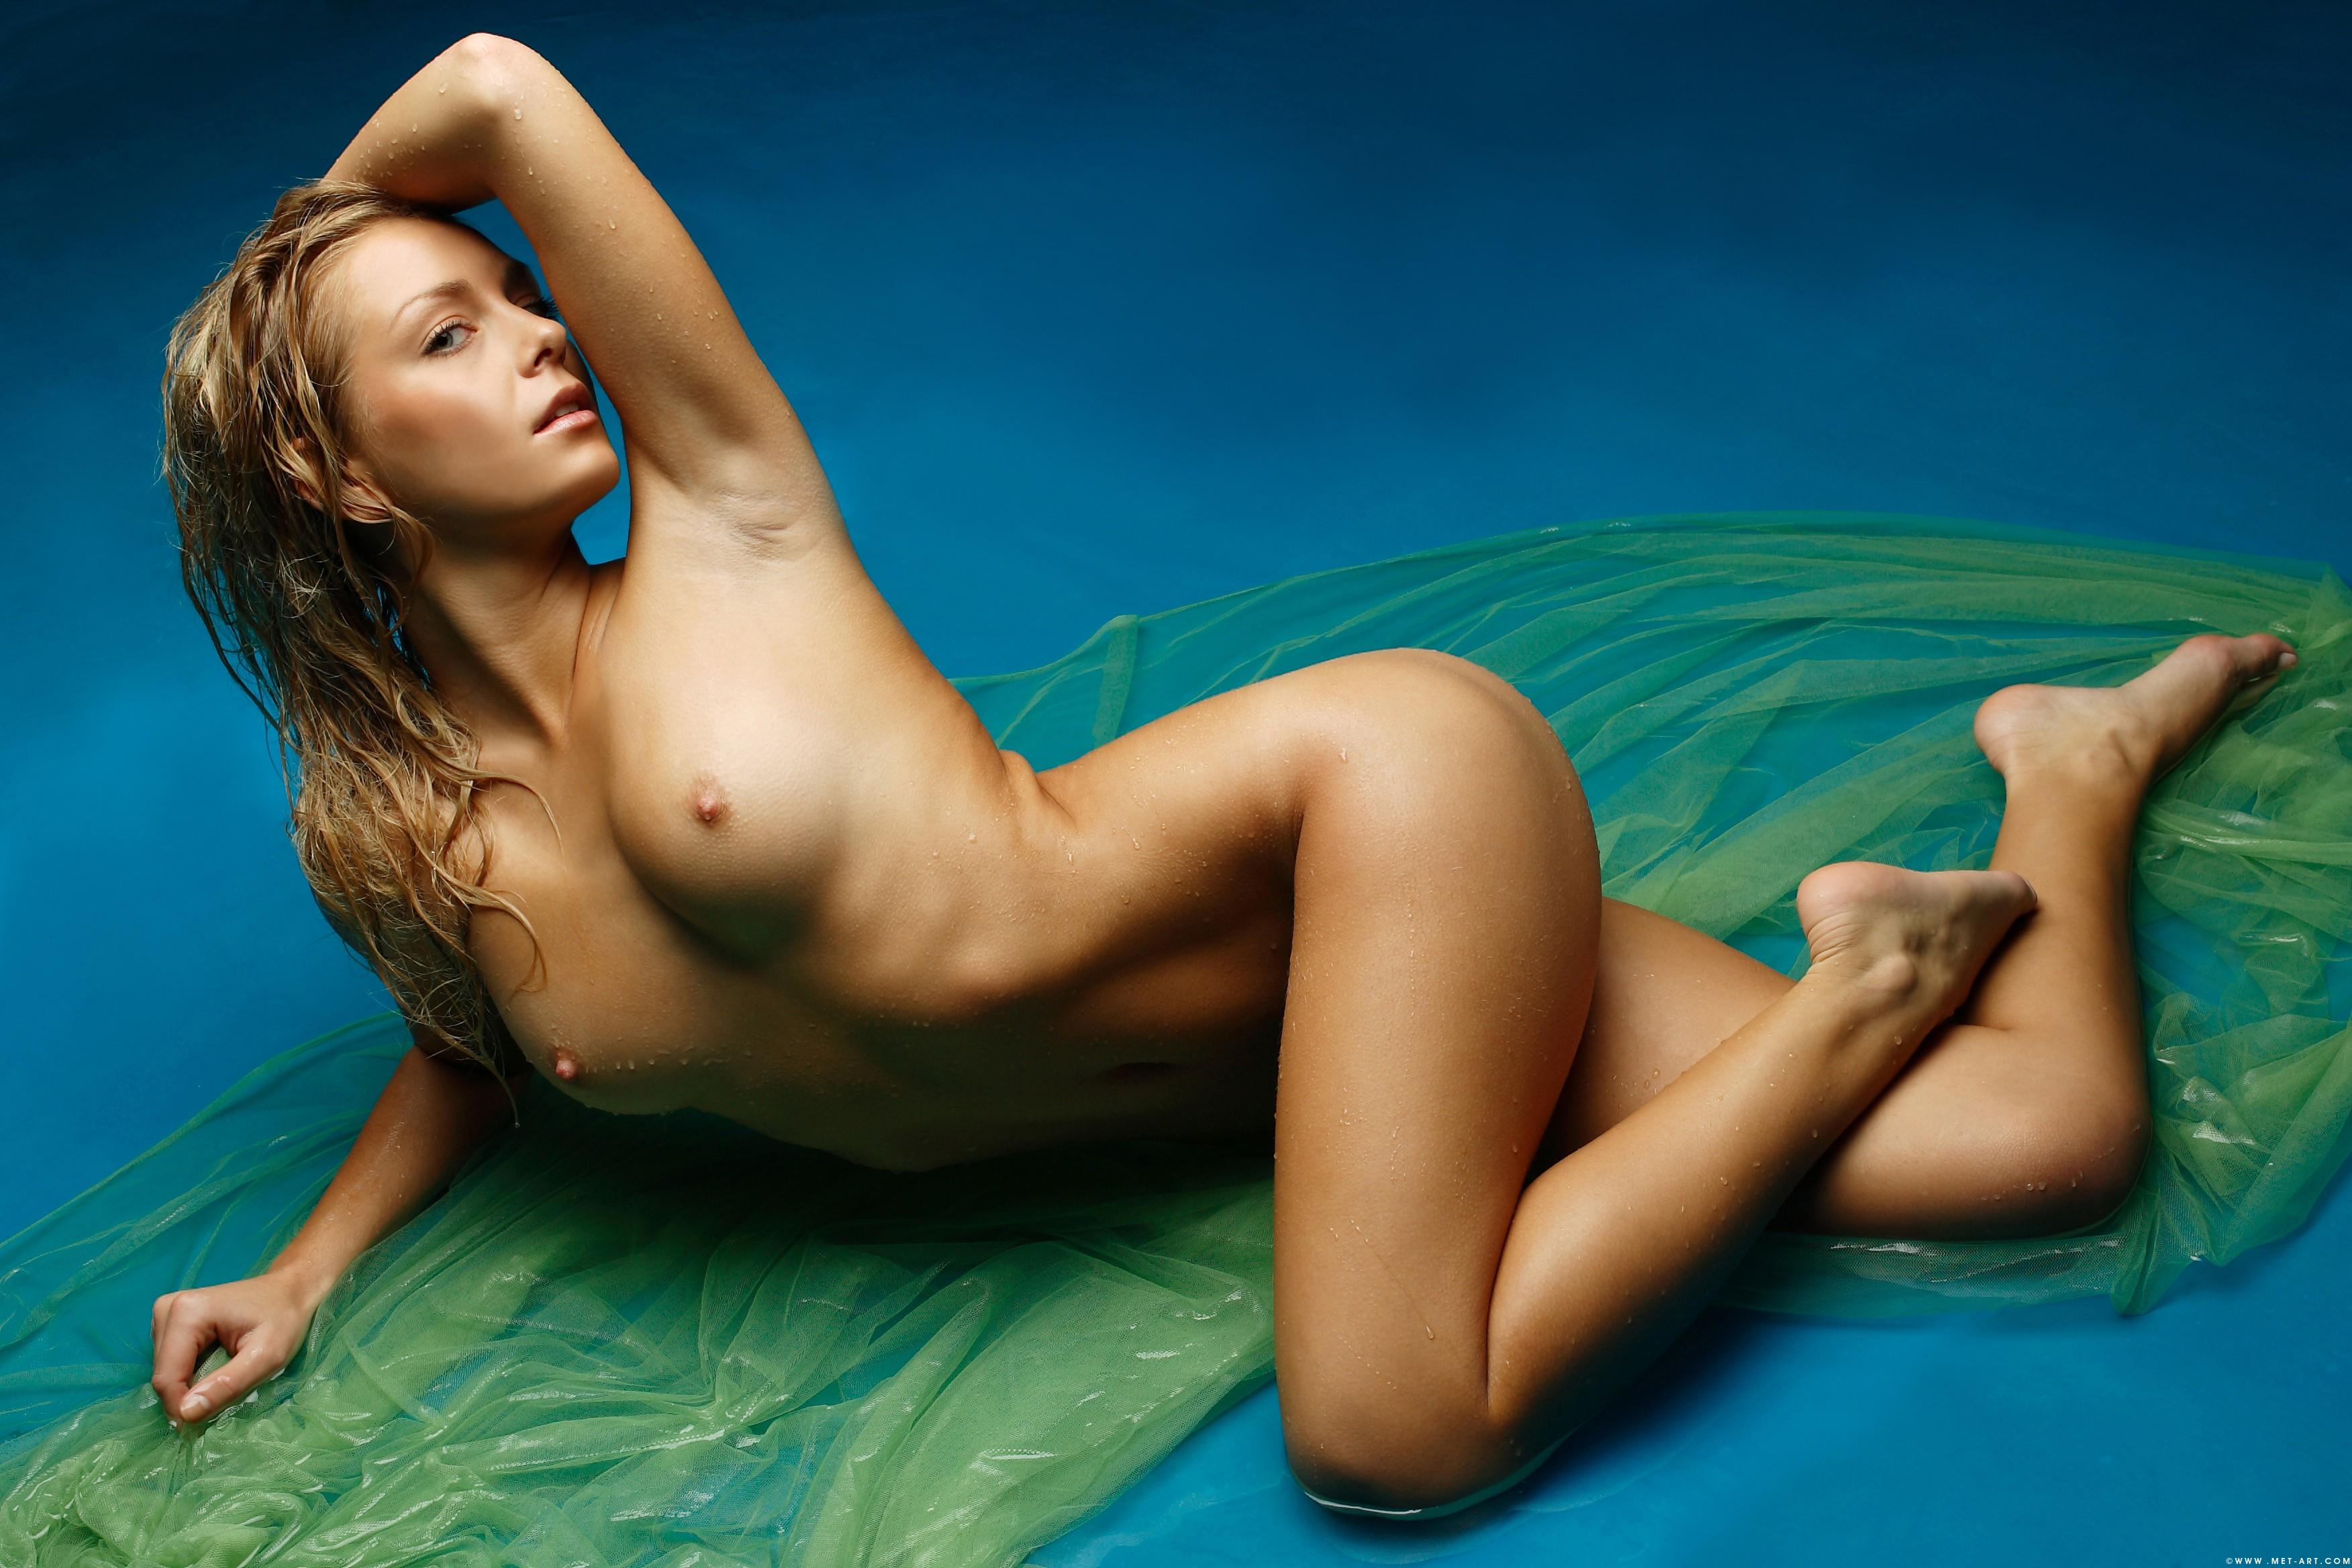 Фото голые и красотки, Голые красотки - фото красивых голых девушек 8 фотография